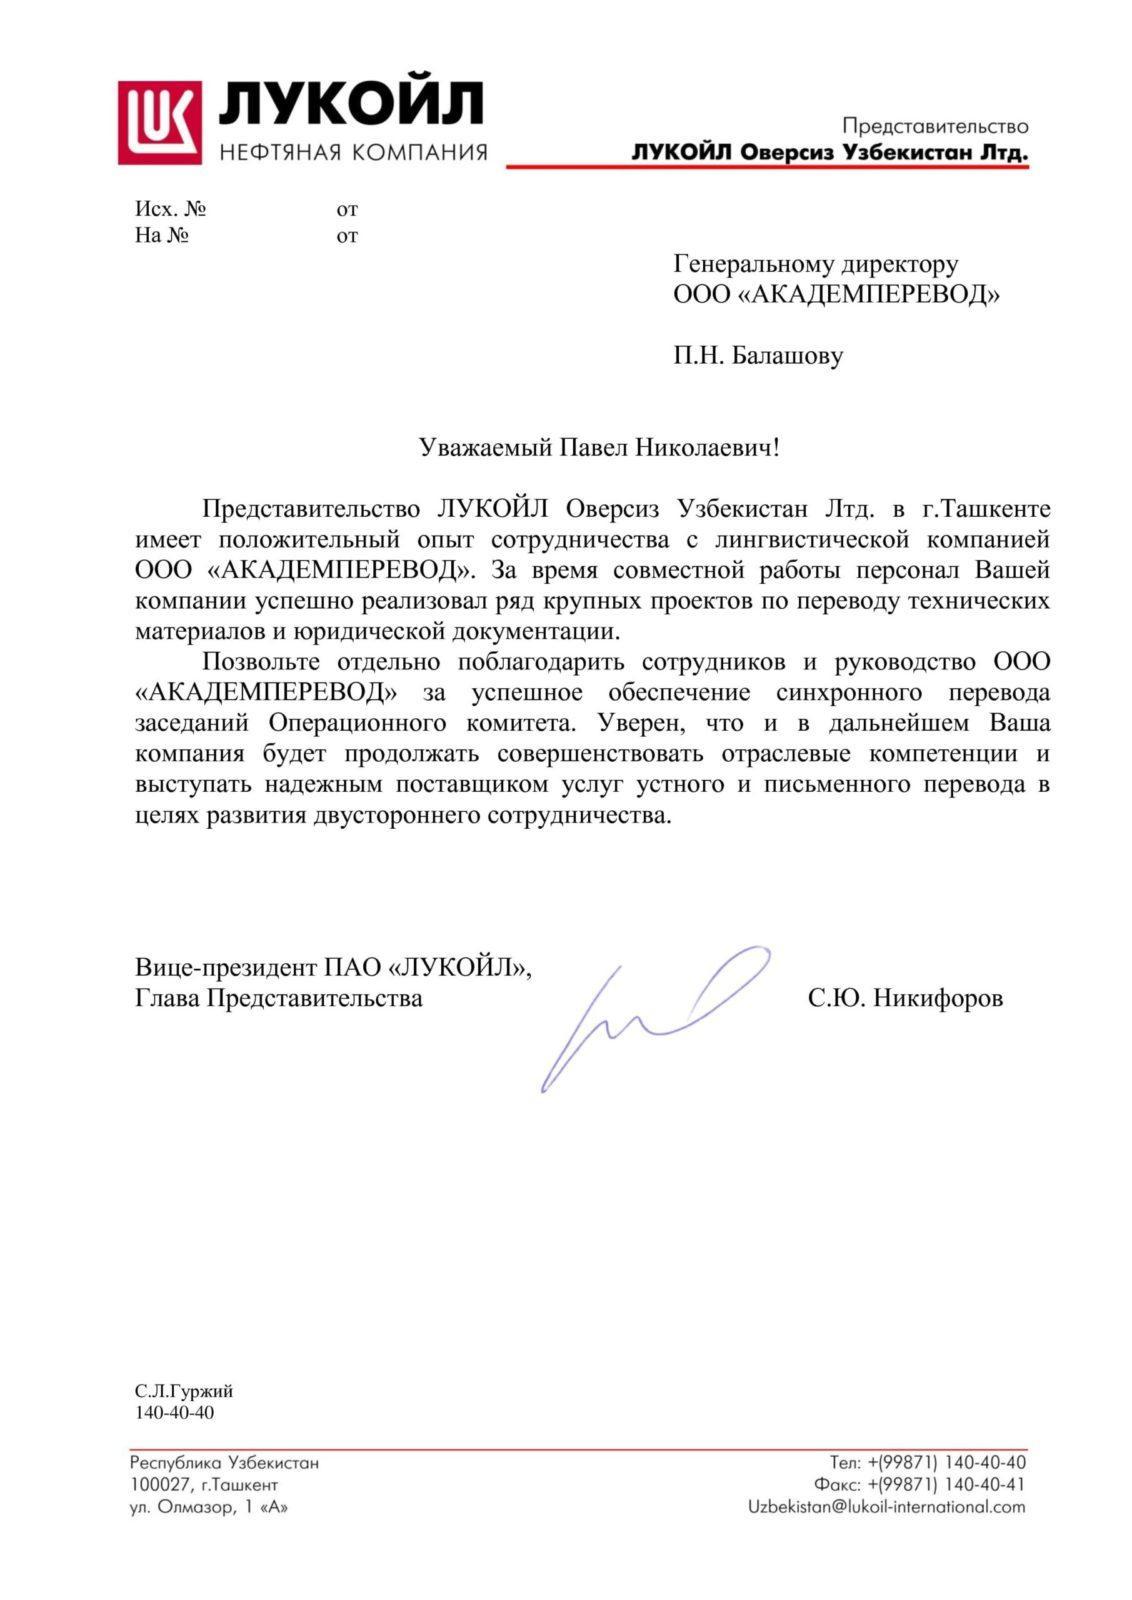 Рекомендательное письмо. Лукойл